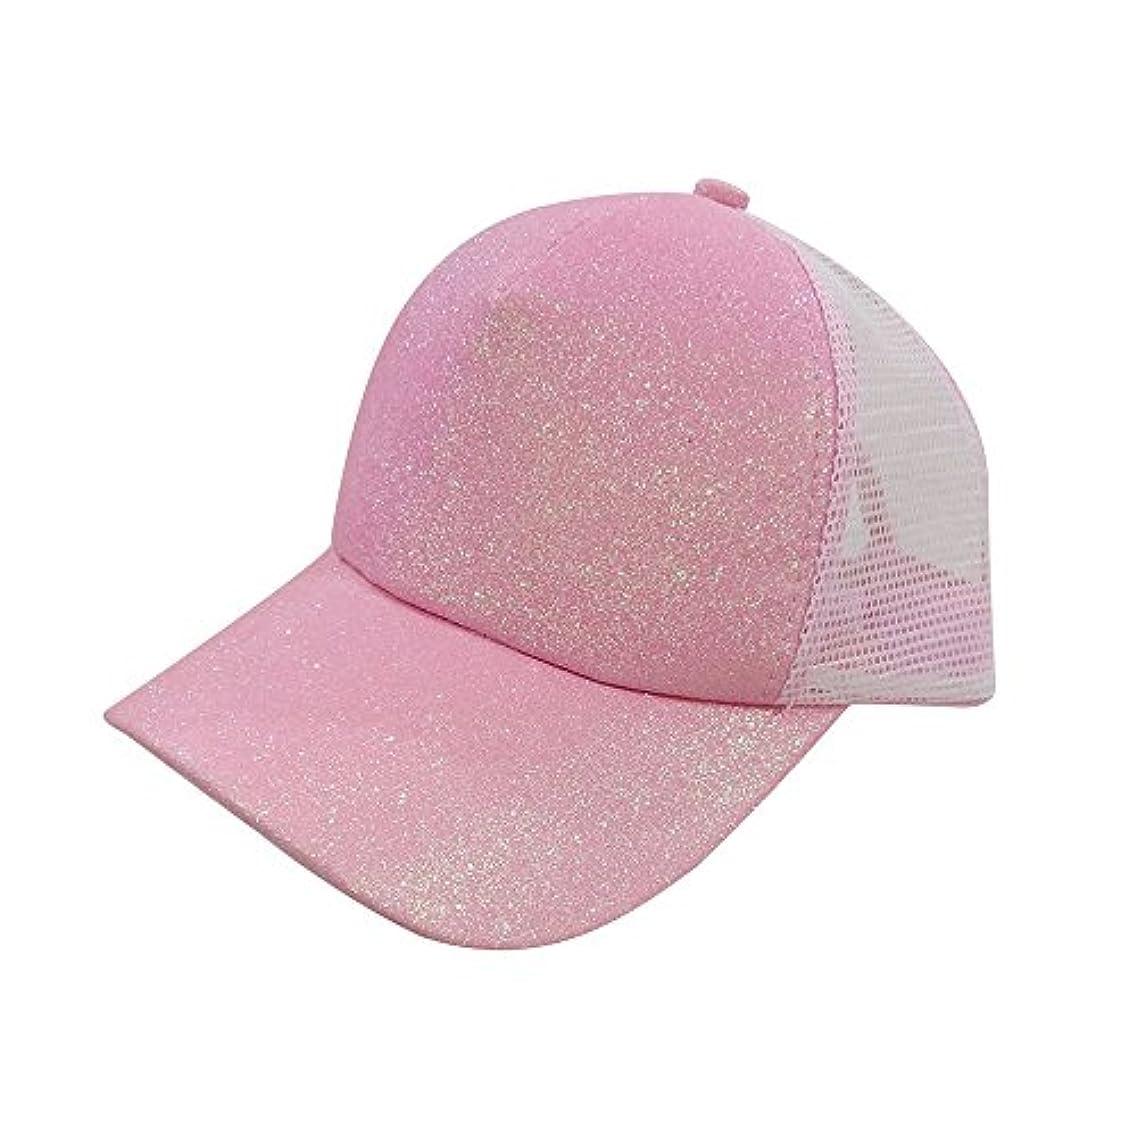 曇った隠された月曜日Racazing Cap スパンコール 無地 メッシュ 野球帽 通気性のある ヒップホップ 帽子 夏 登山 可調整可能 棒球帽 男女兼用 UV 帽子 軽量 屋外 Unisex Cap (ピンク)